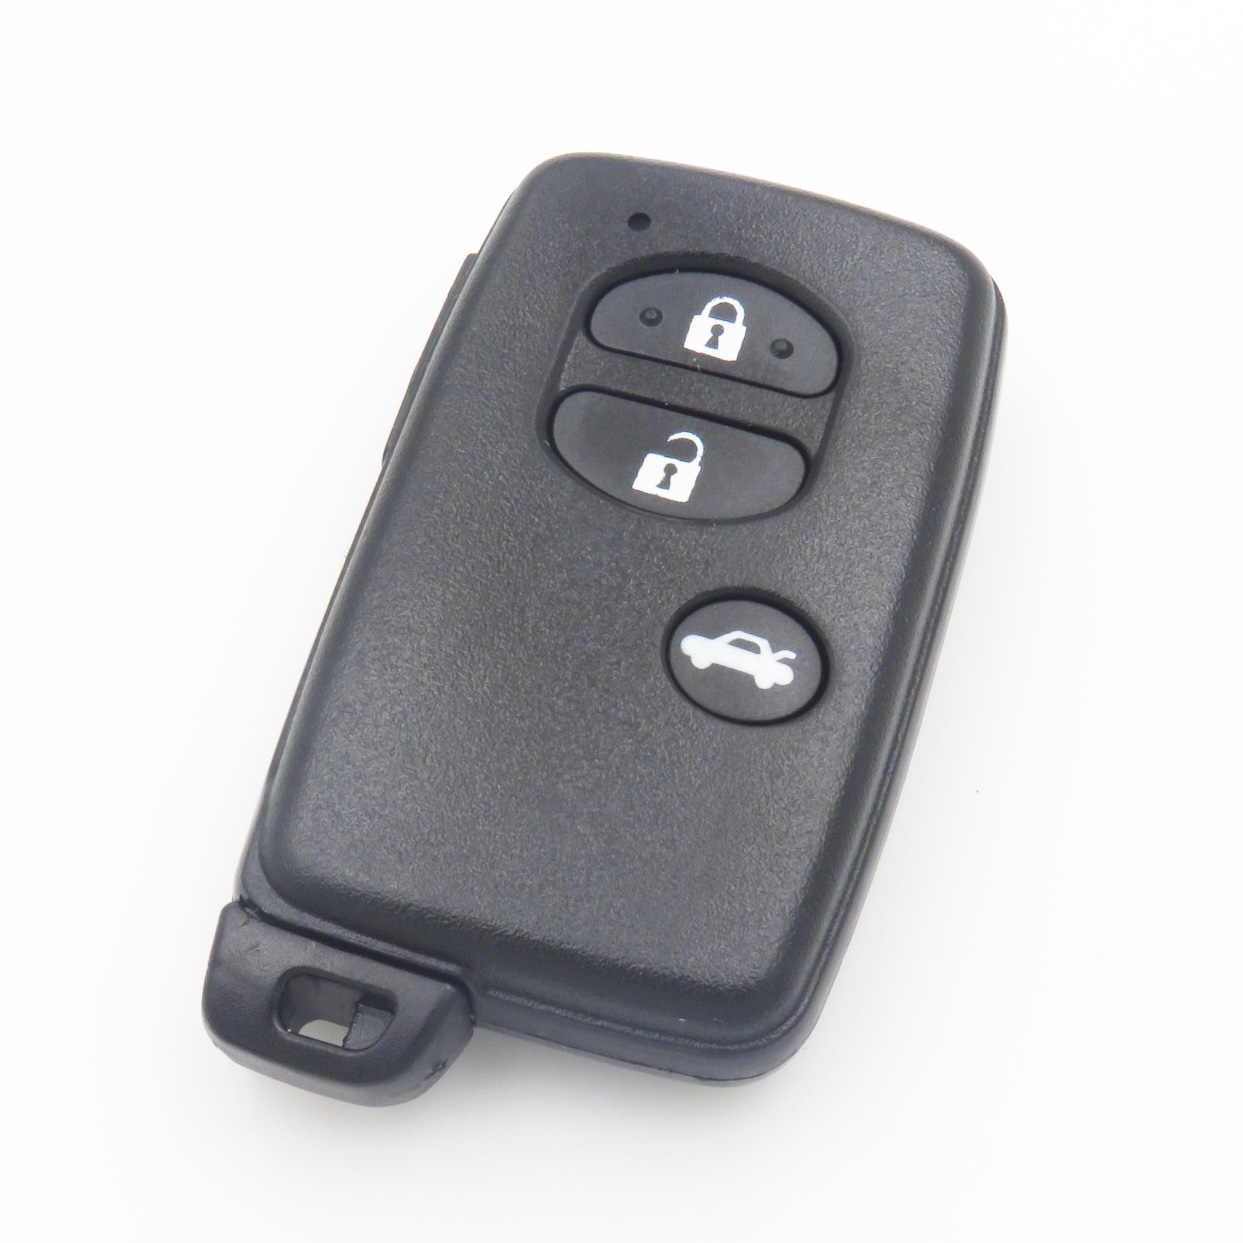 XinYueXin пульт дистанционного ключа оболочки корпуса для Toyota 4runner Venza Land Cruiser 3 кнопки ключ пустой замена крышка с новой Аварийный ключ